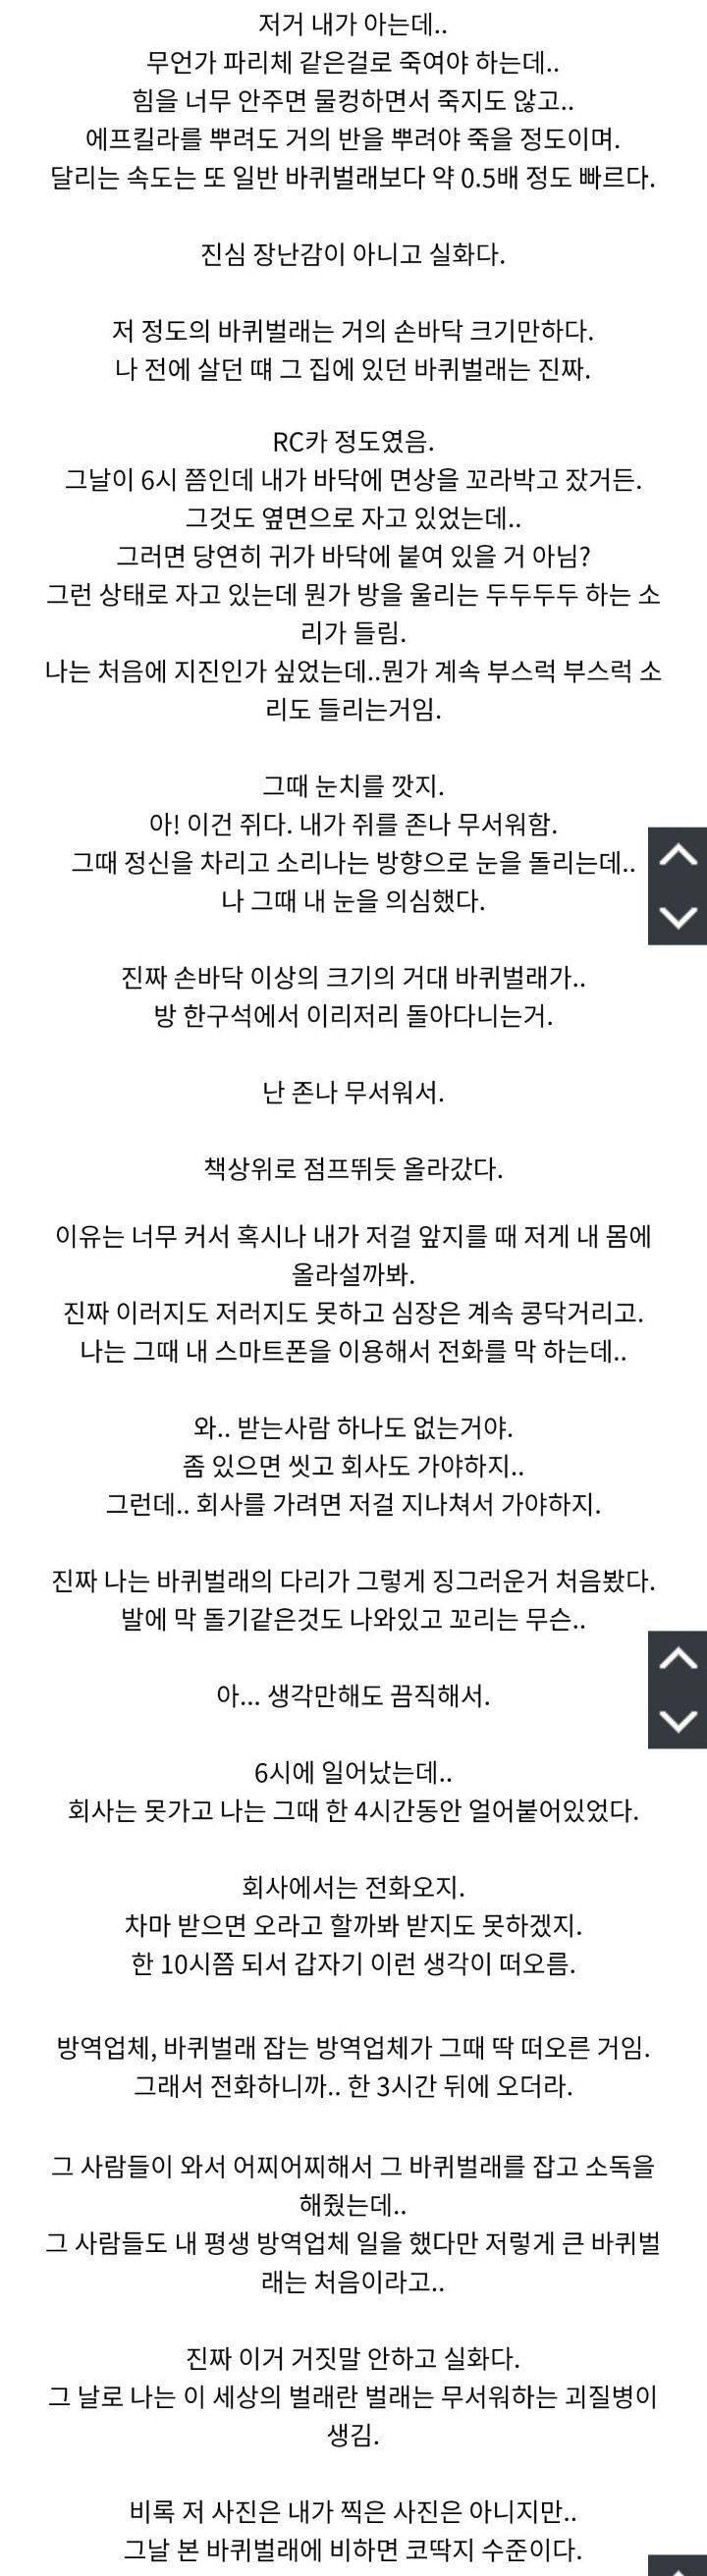 (혐오주의) 요즘 한국에 자주 등장하는 거대 바퀴벌레.jpg   인스티즈